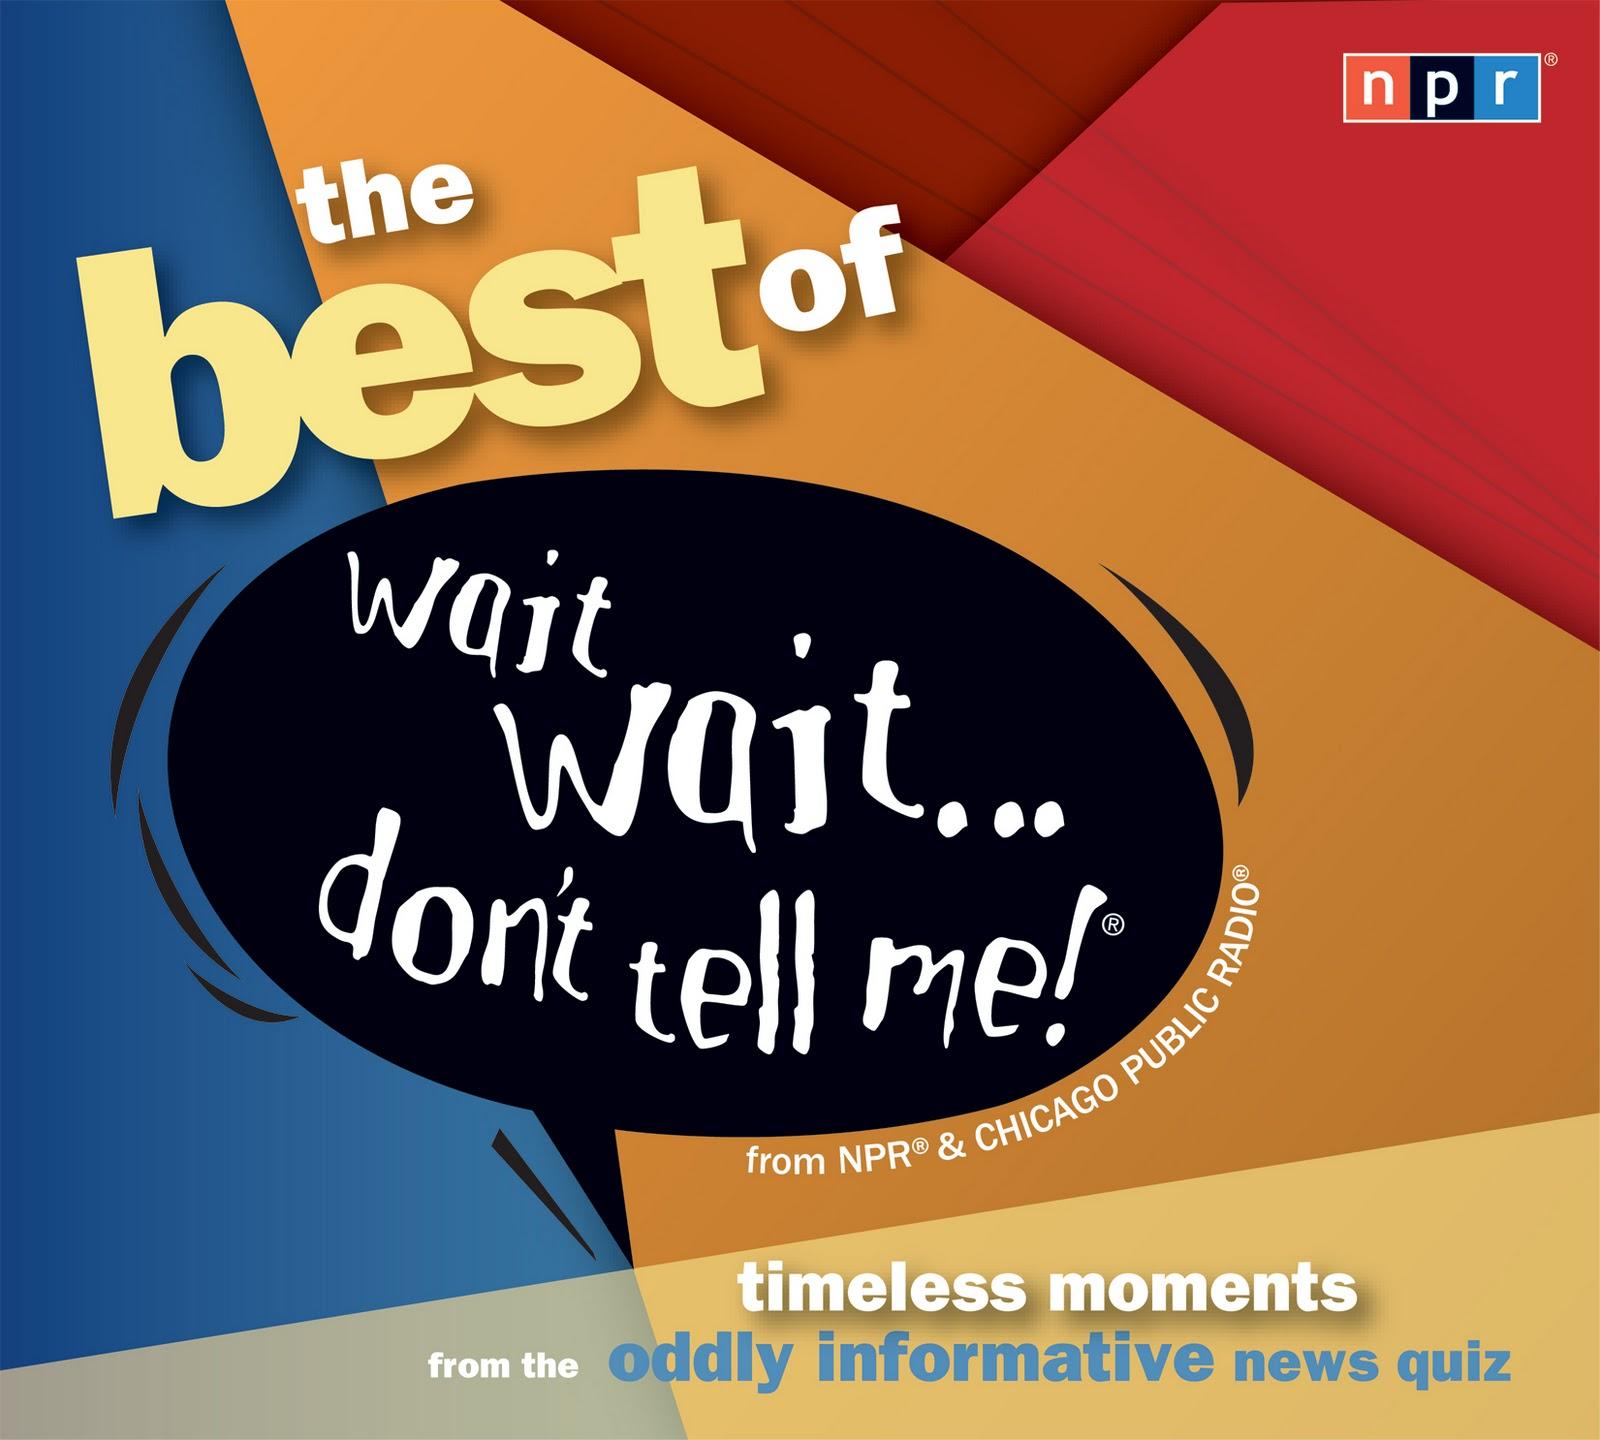 http://4.bp.blogspot.com/_mi-kgN-us7E/TSxCN1W18bI/AAAAAAAAAgw/dlmMlnb04zM/s1600/wait.jpg